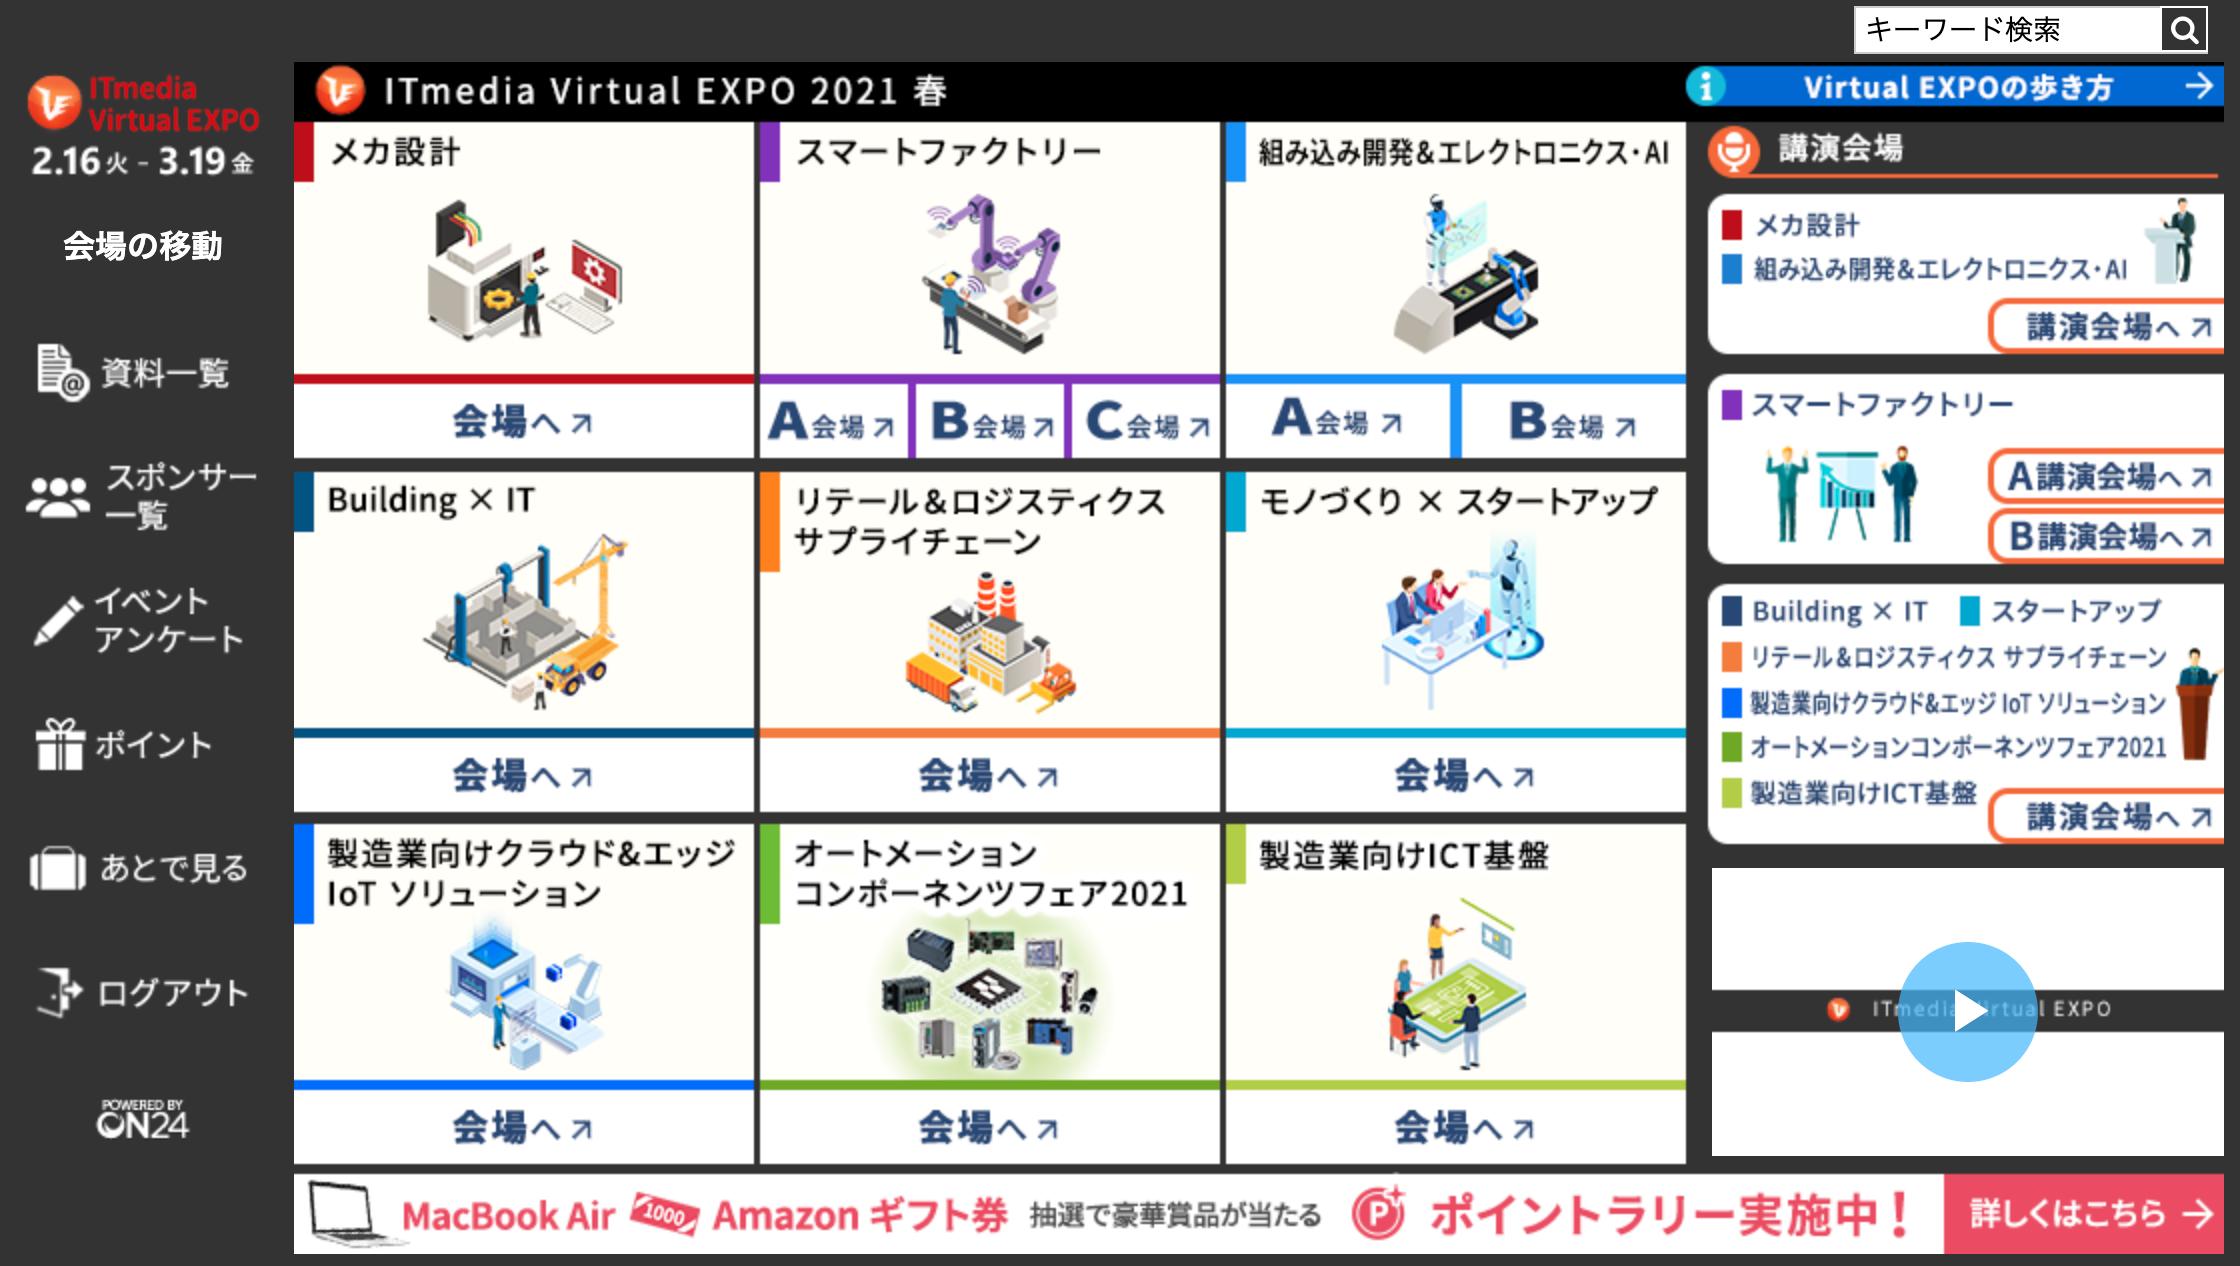 スクリーンショット 2021-02-20 10.21.41